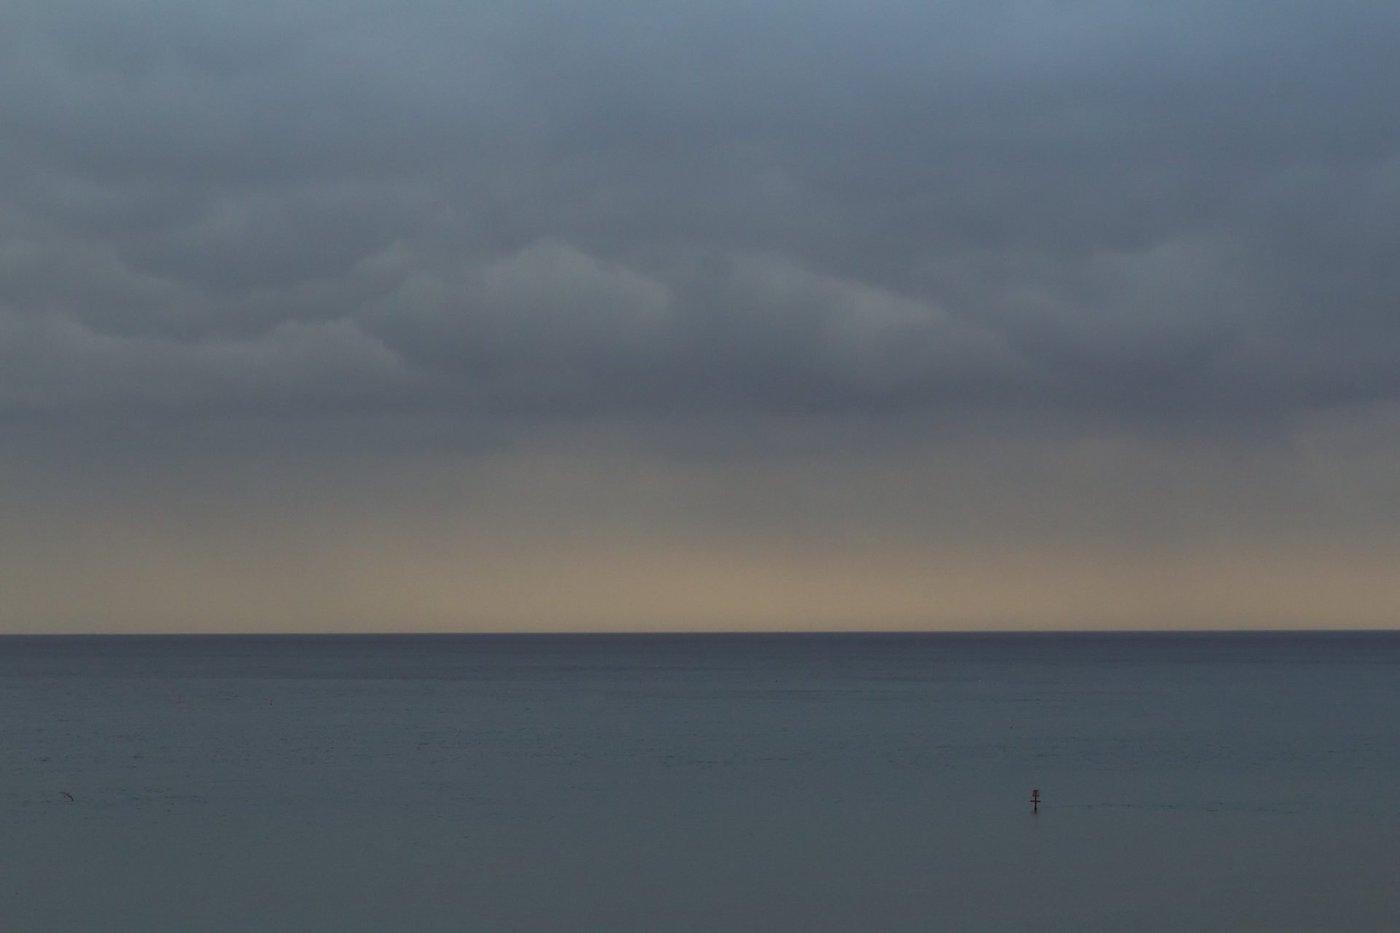 The North Sea at Cromer